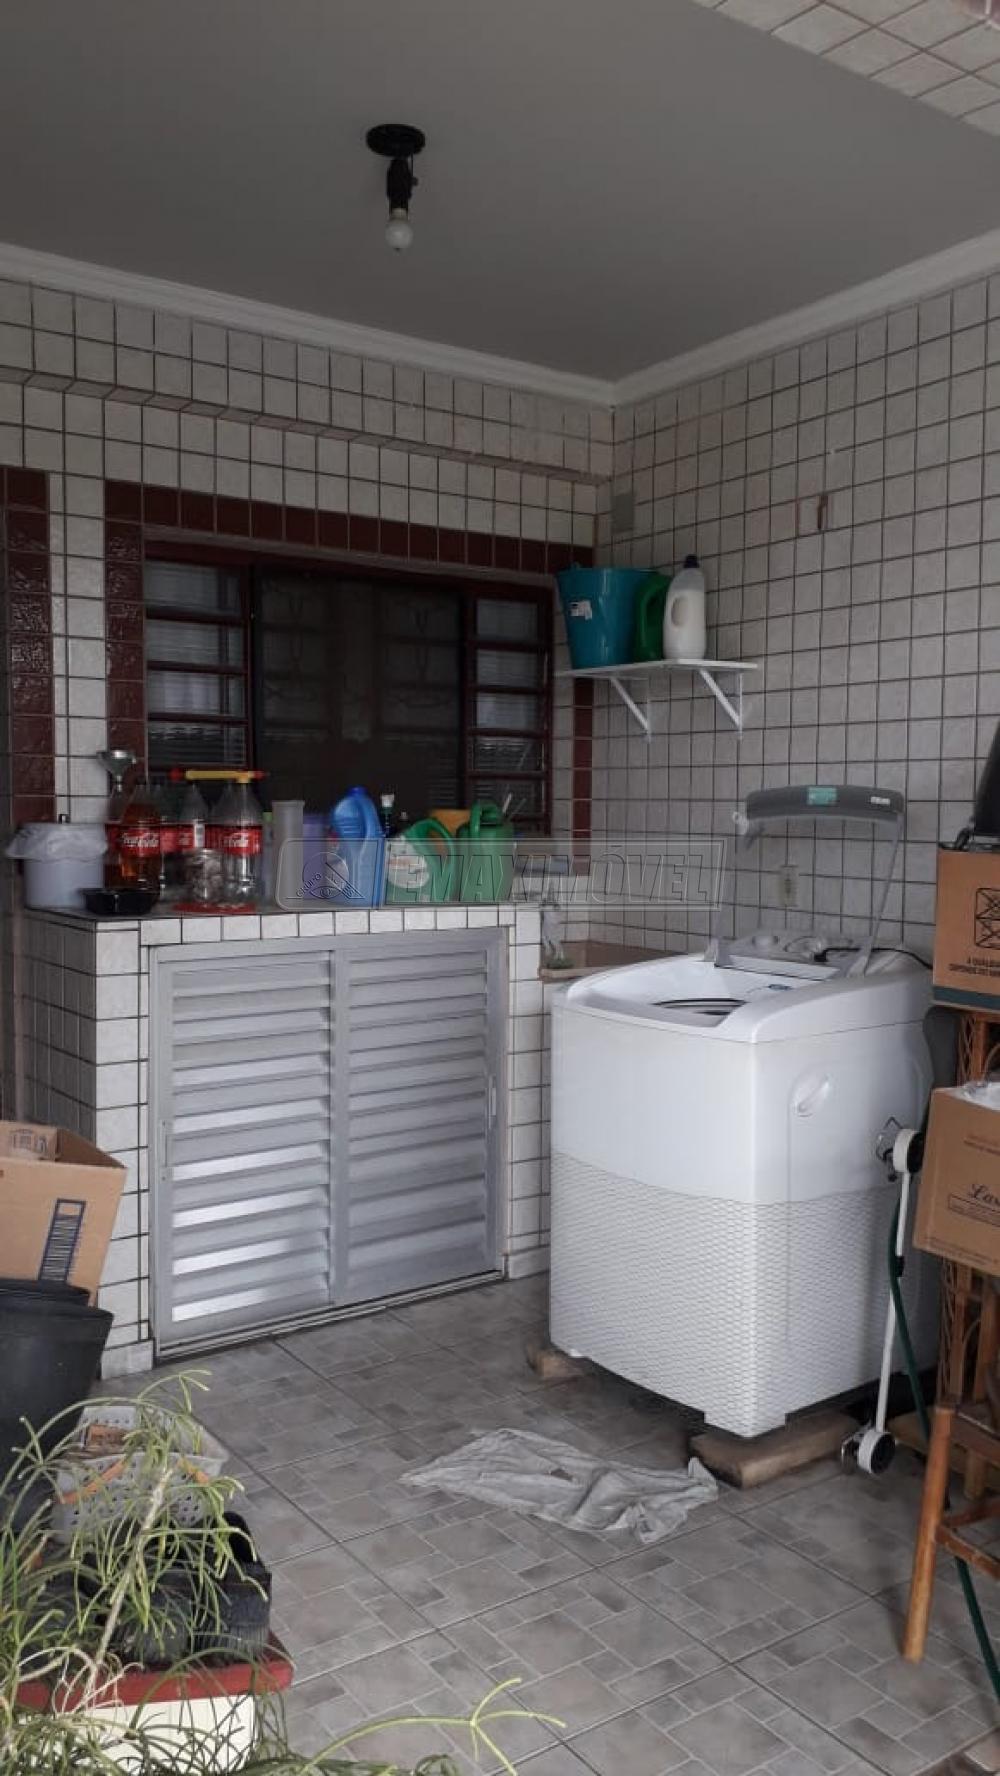 Comprar Apartamento / Padrão em Sorocaba R$ 885.000,00 - Foto 12